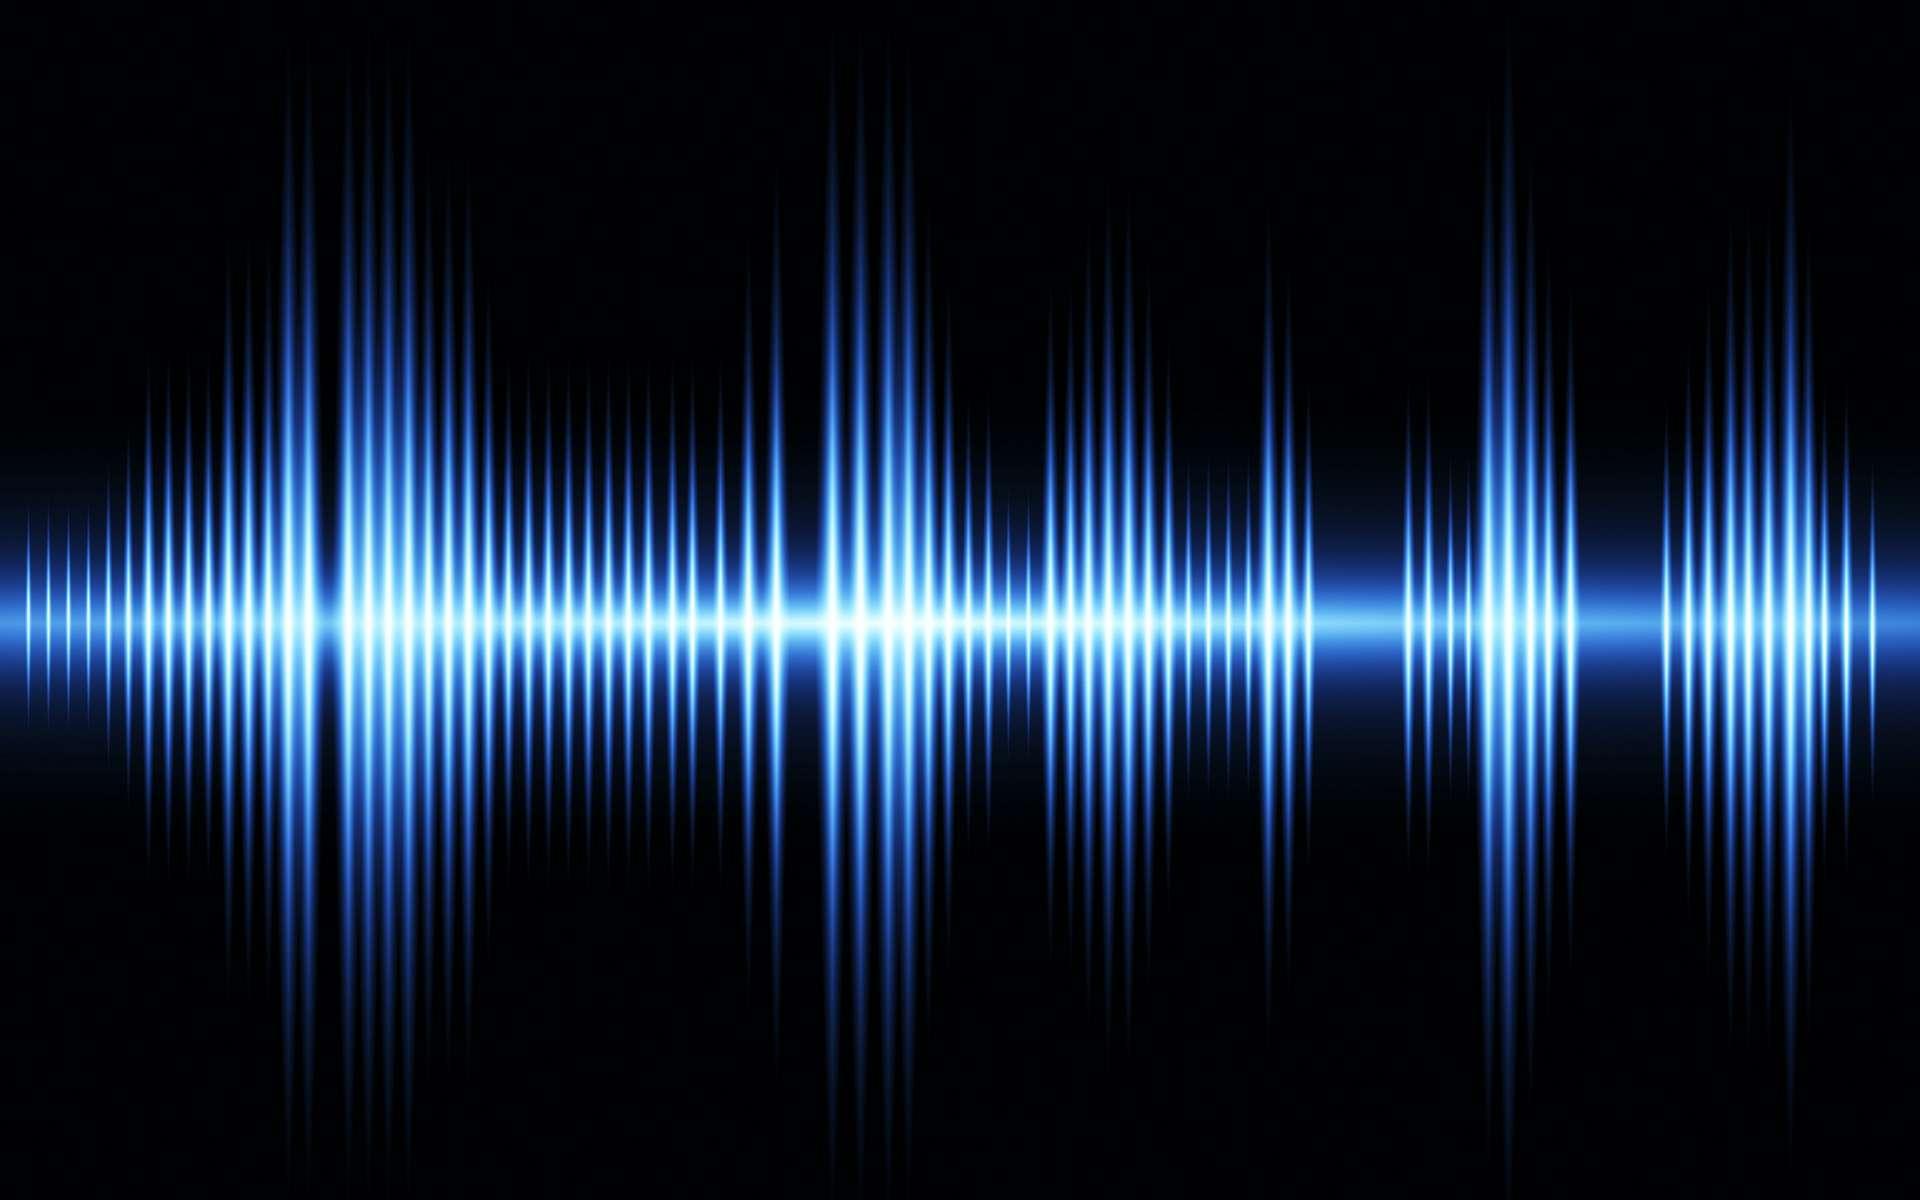 Le bruit blanc est un son uniforme ayant des effets relaxants. © Tatiana Shepeleva, Adobe Stock